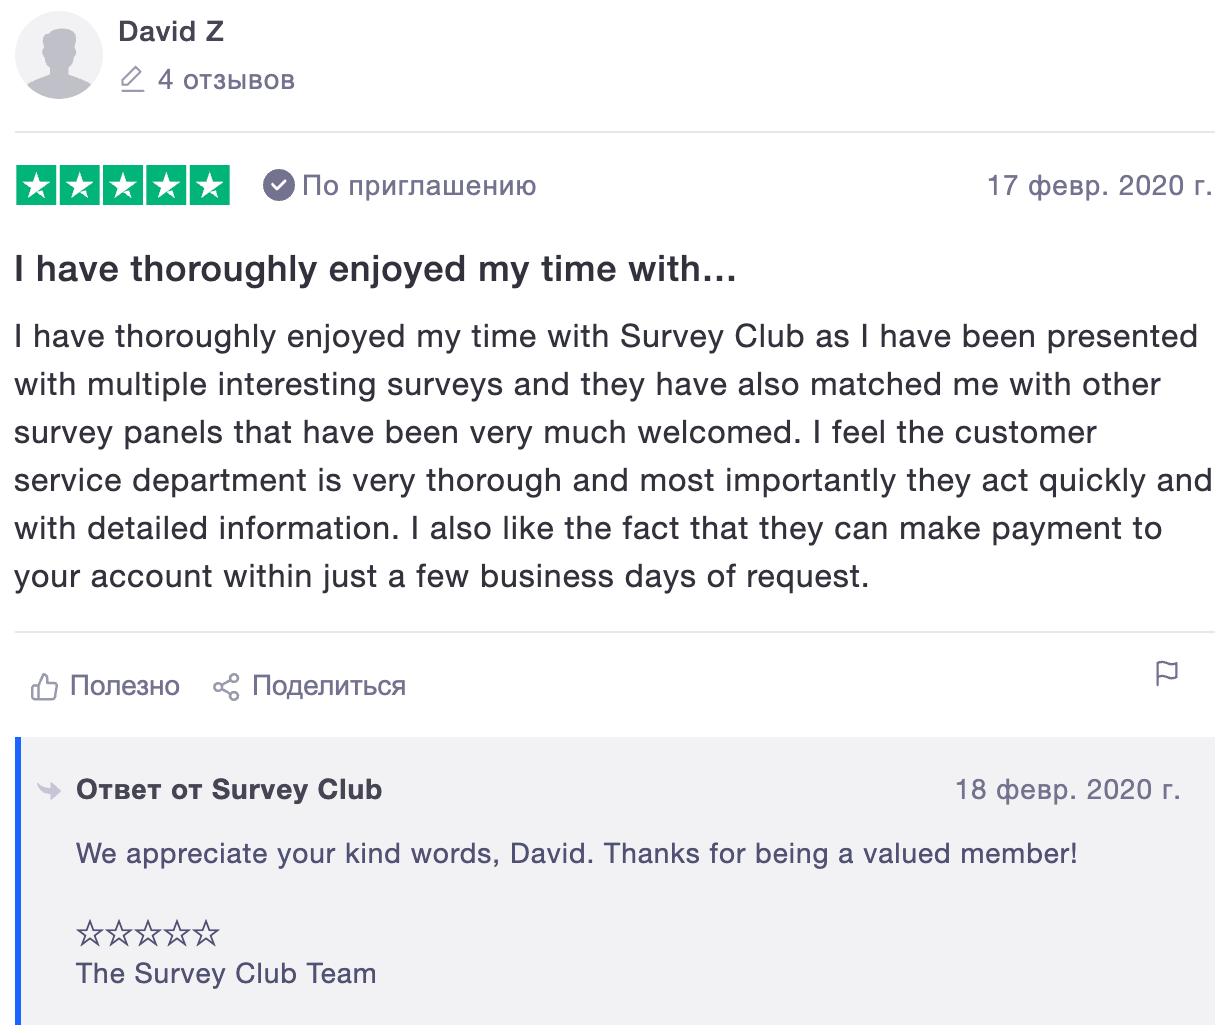 отзыв опрос surveyclub